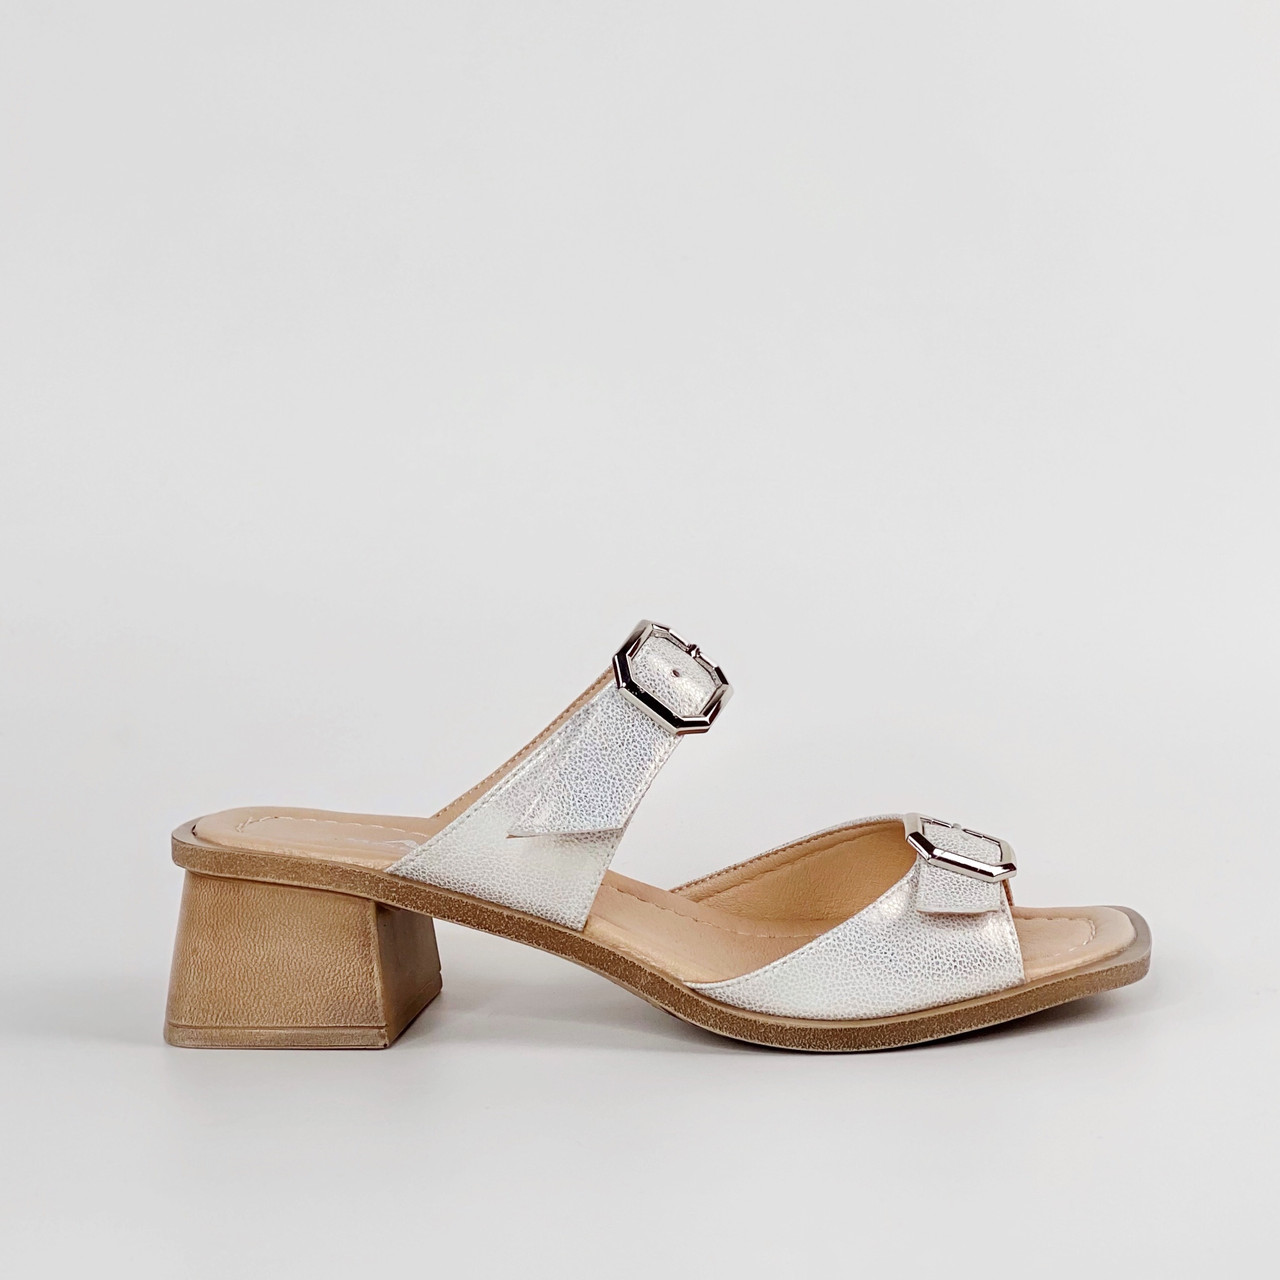 Сабо женские кожаные бело-бежевые на каблуке с пряжками MORENTO